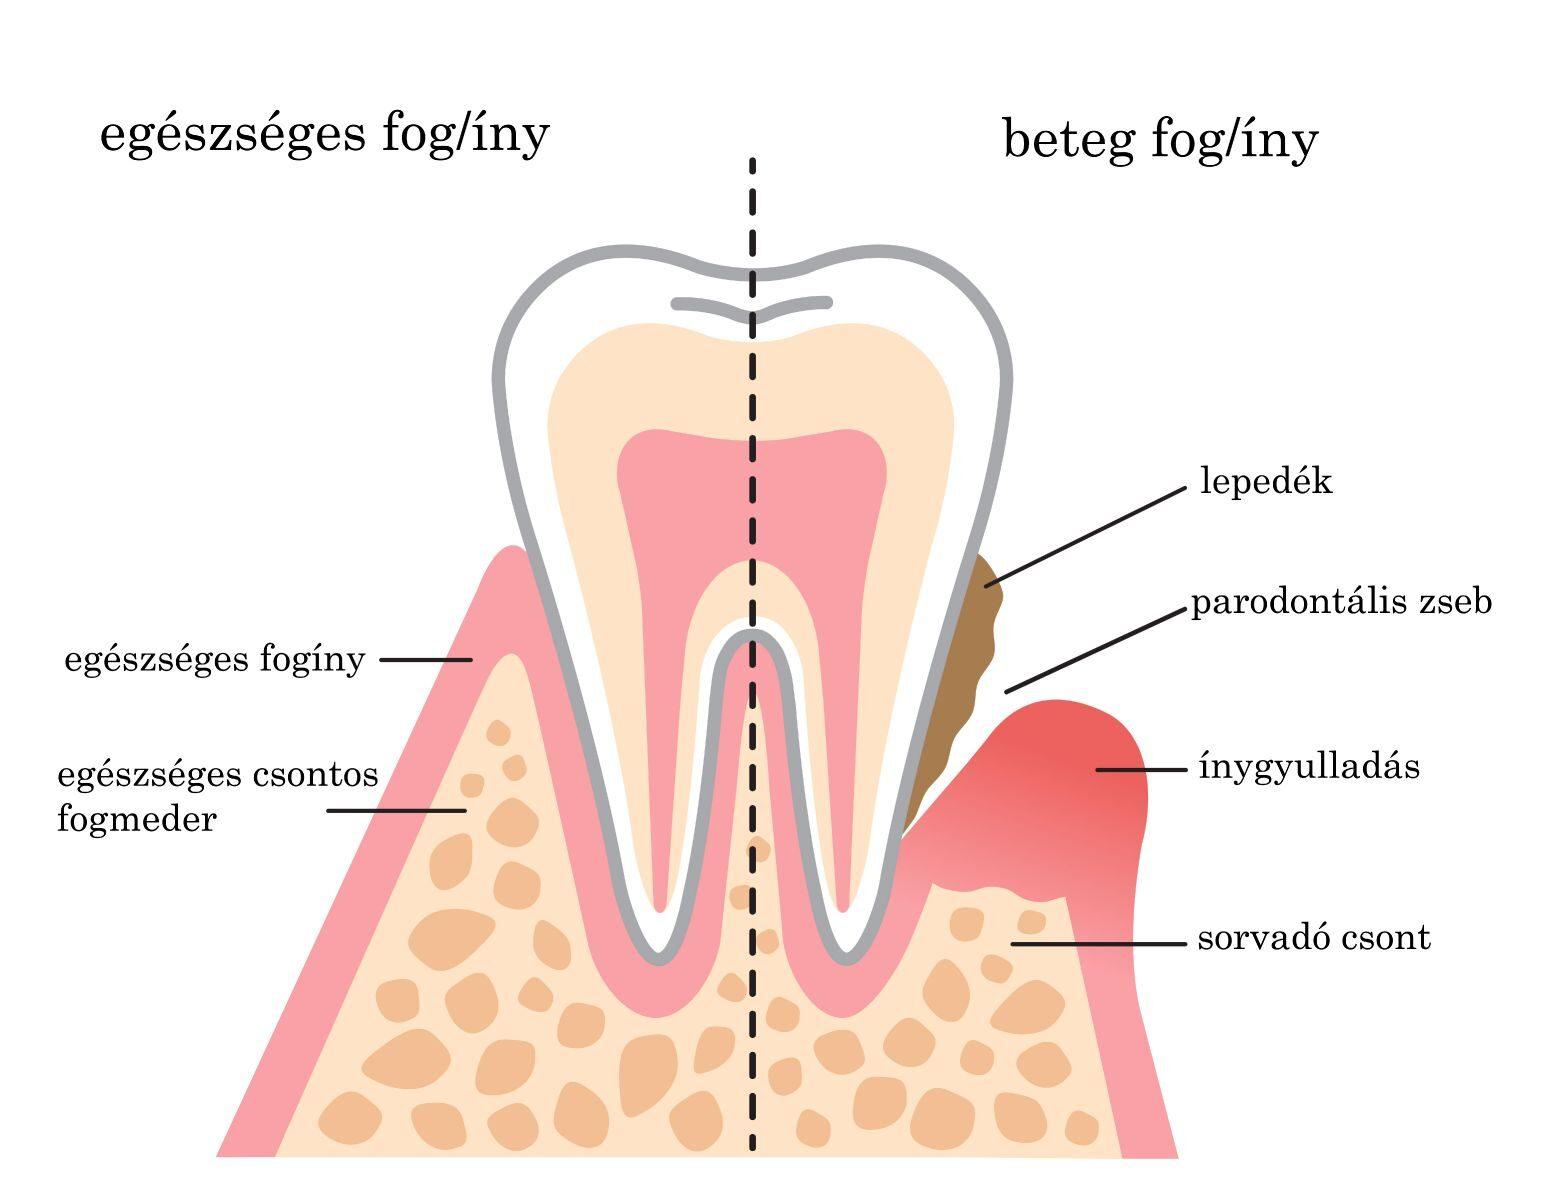 Egészséges fogíny/Beteg fogíny